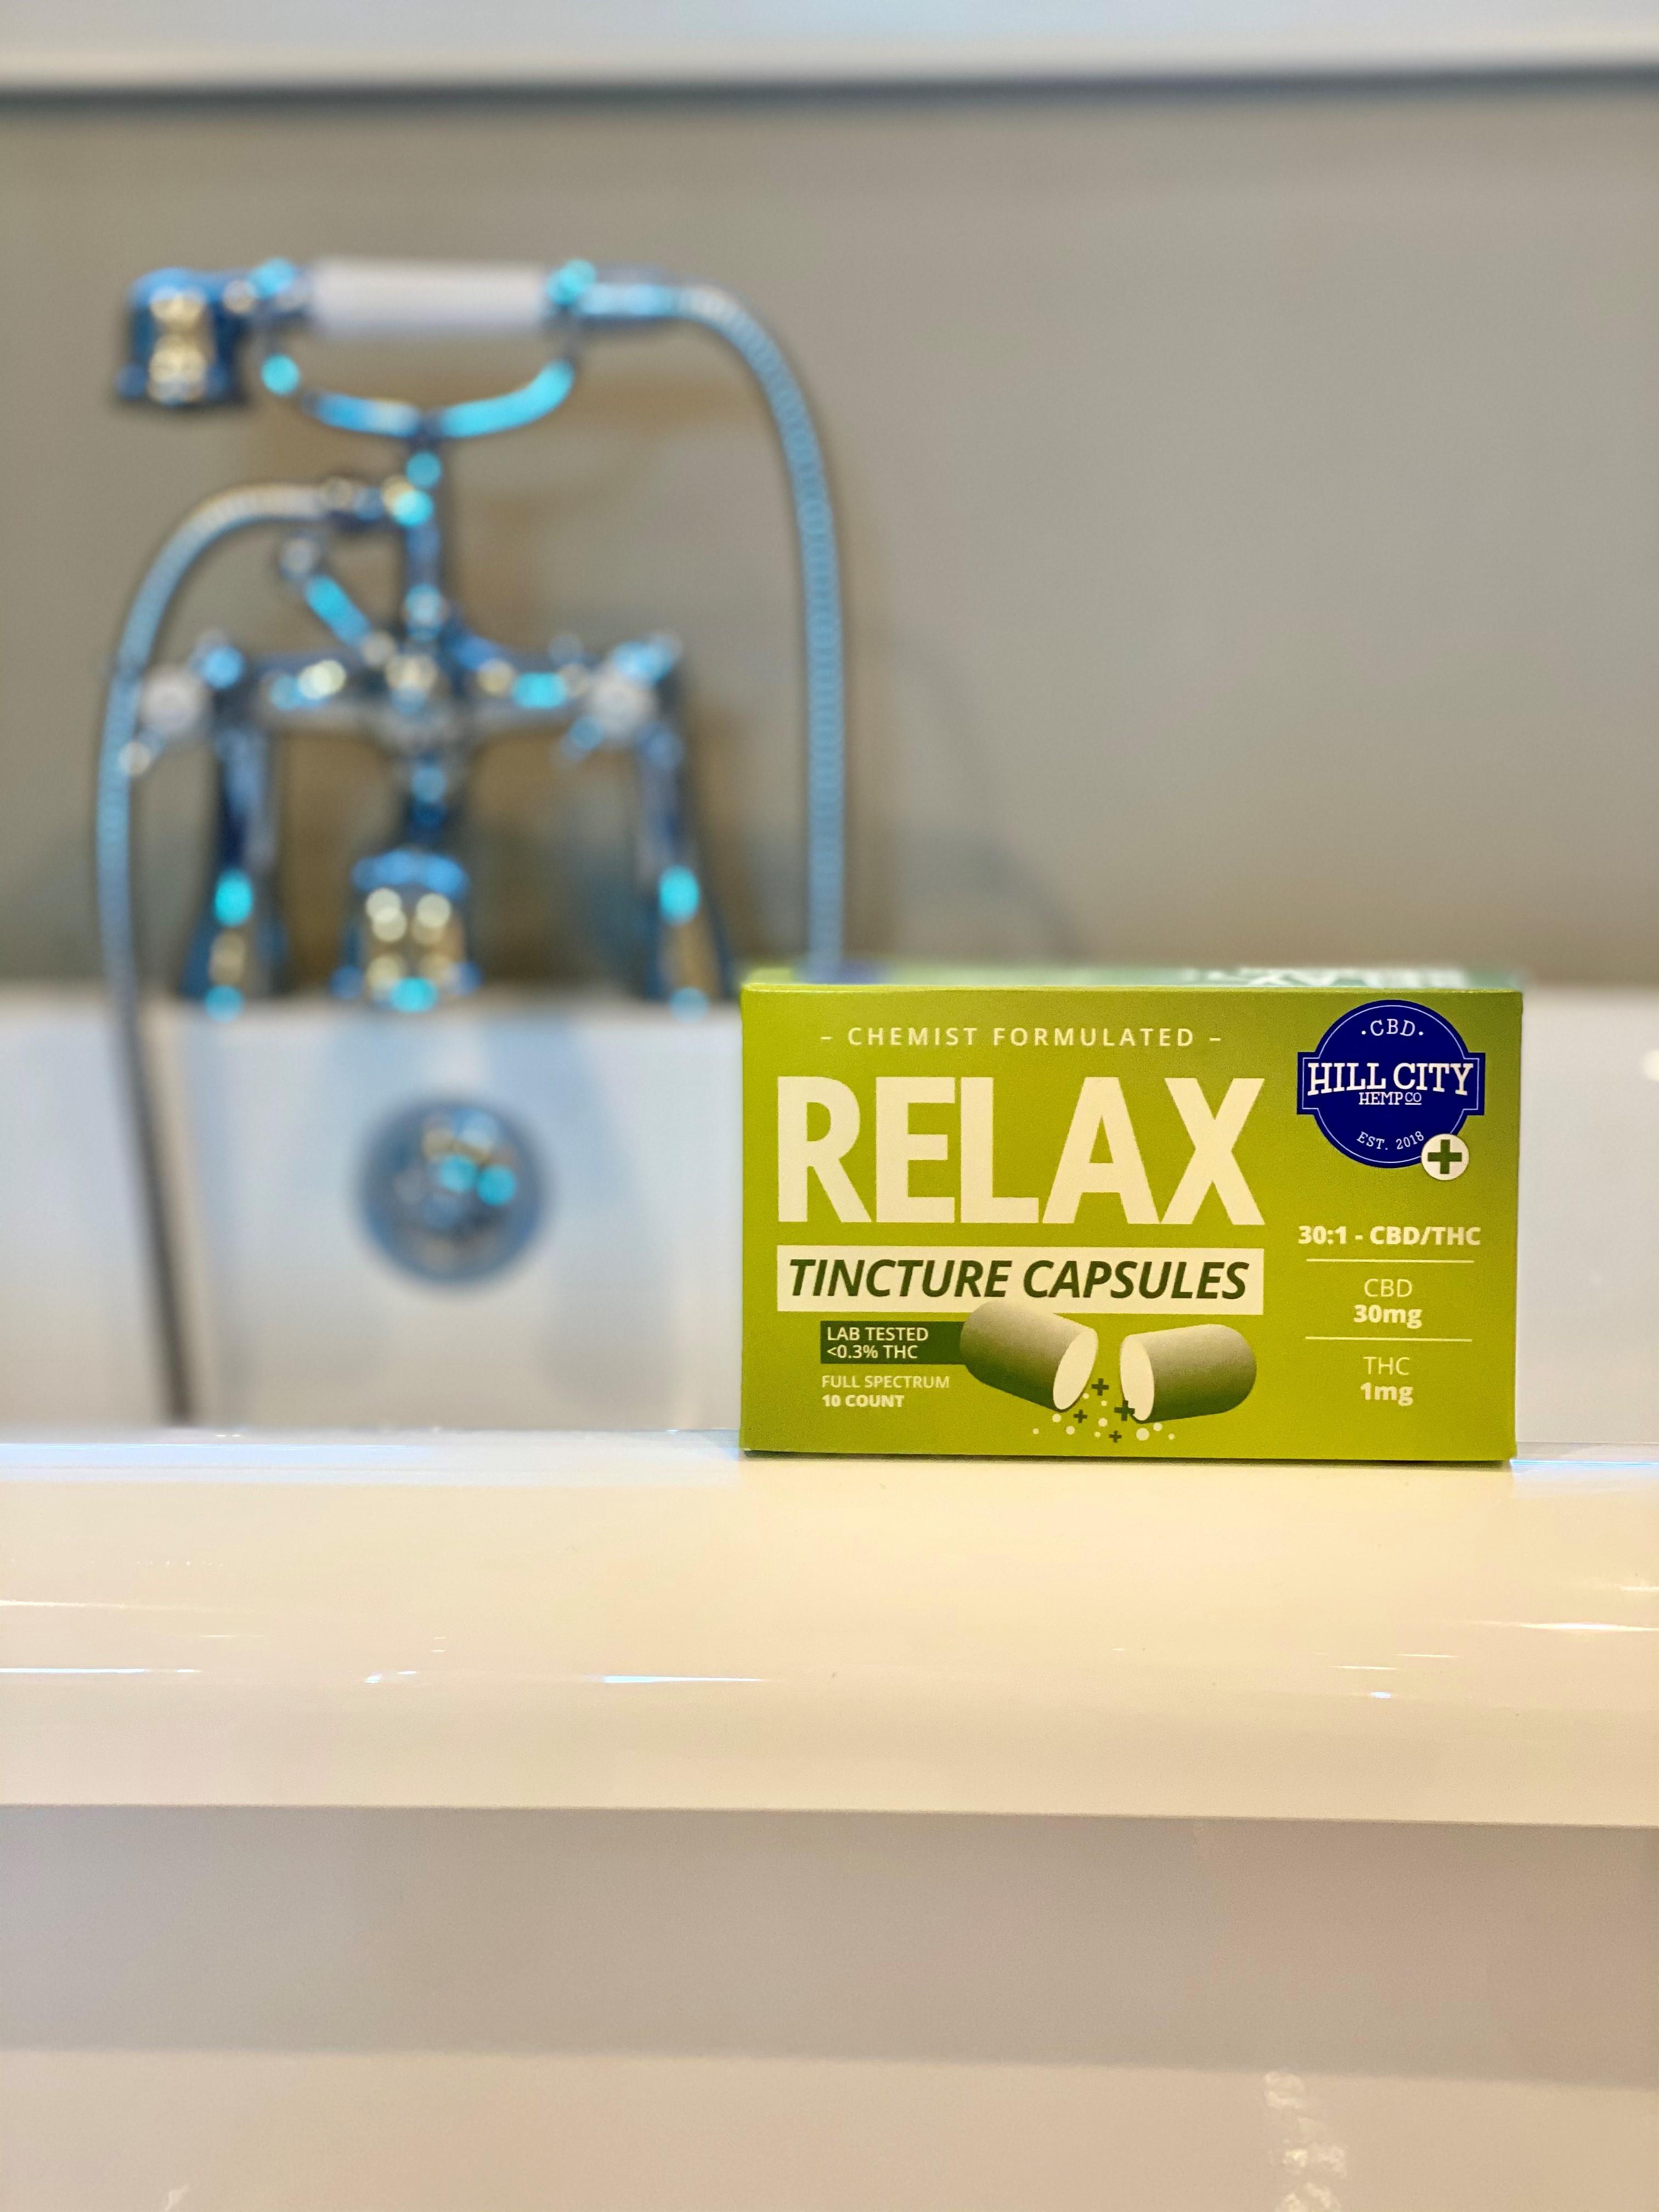 Hill City Hemp's Relax capsules